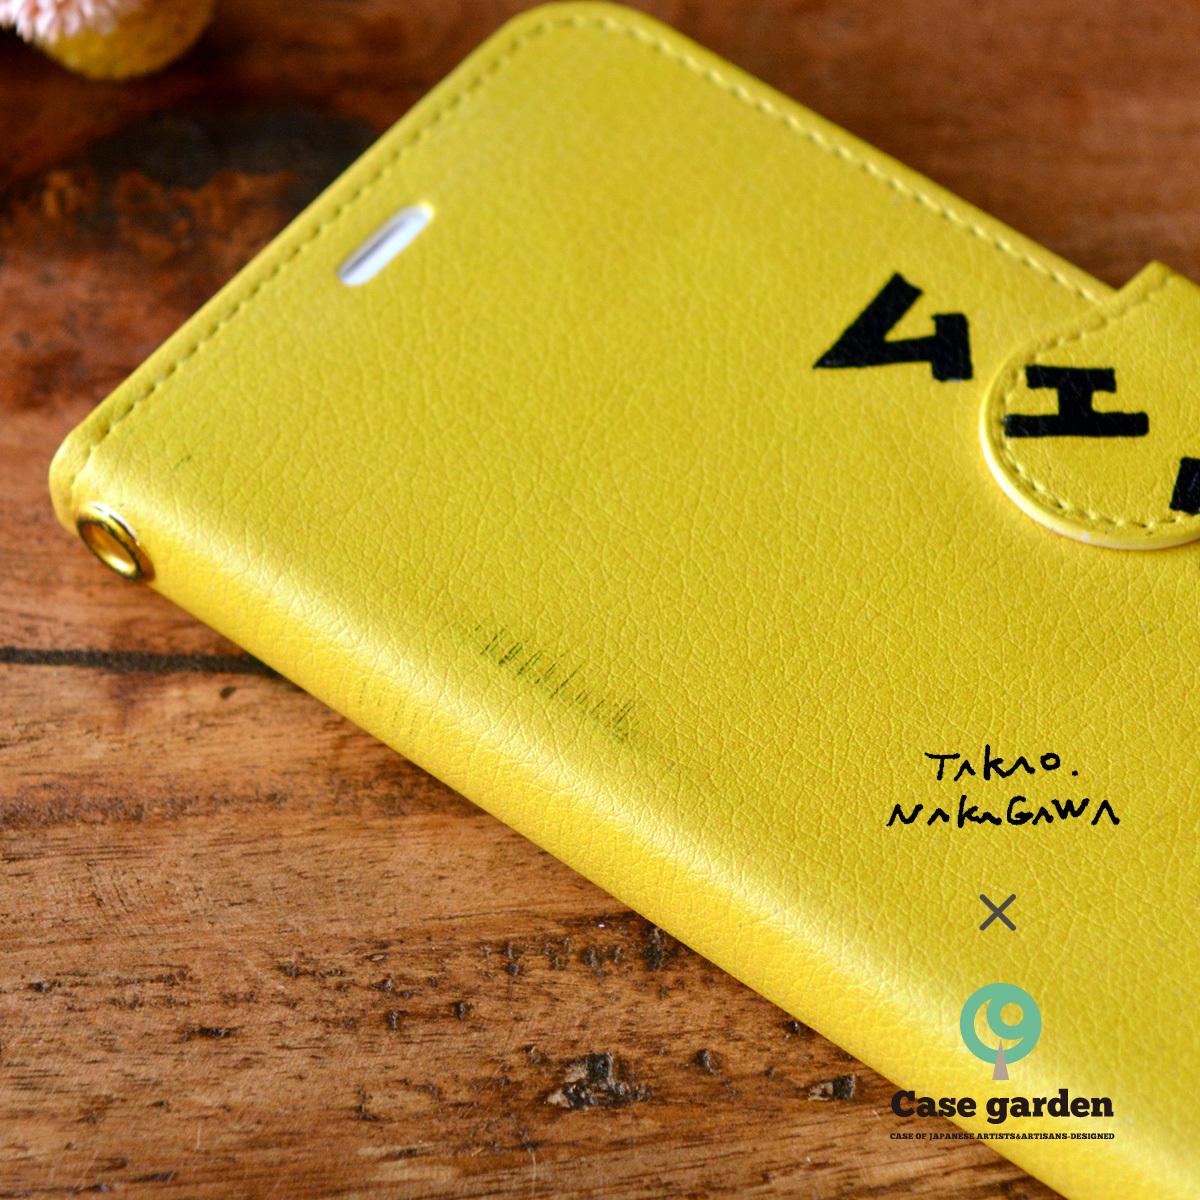 【訳あり】iphone x ケース 手帳型 かわいい アイフォンテン ケース かわいい iphoneテン ケース かわいい ムエタイ/中川貴雄×ケースガーデン【cnt-iph8t-08022-B1】